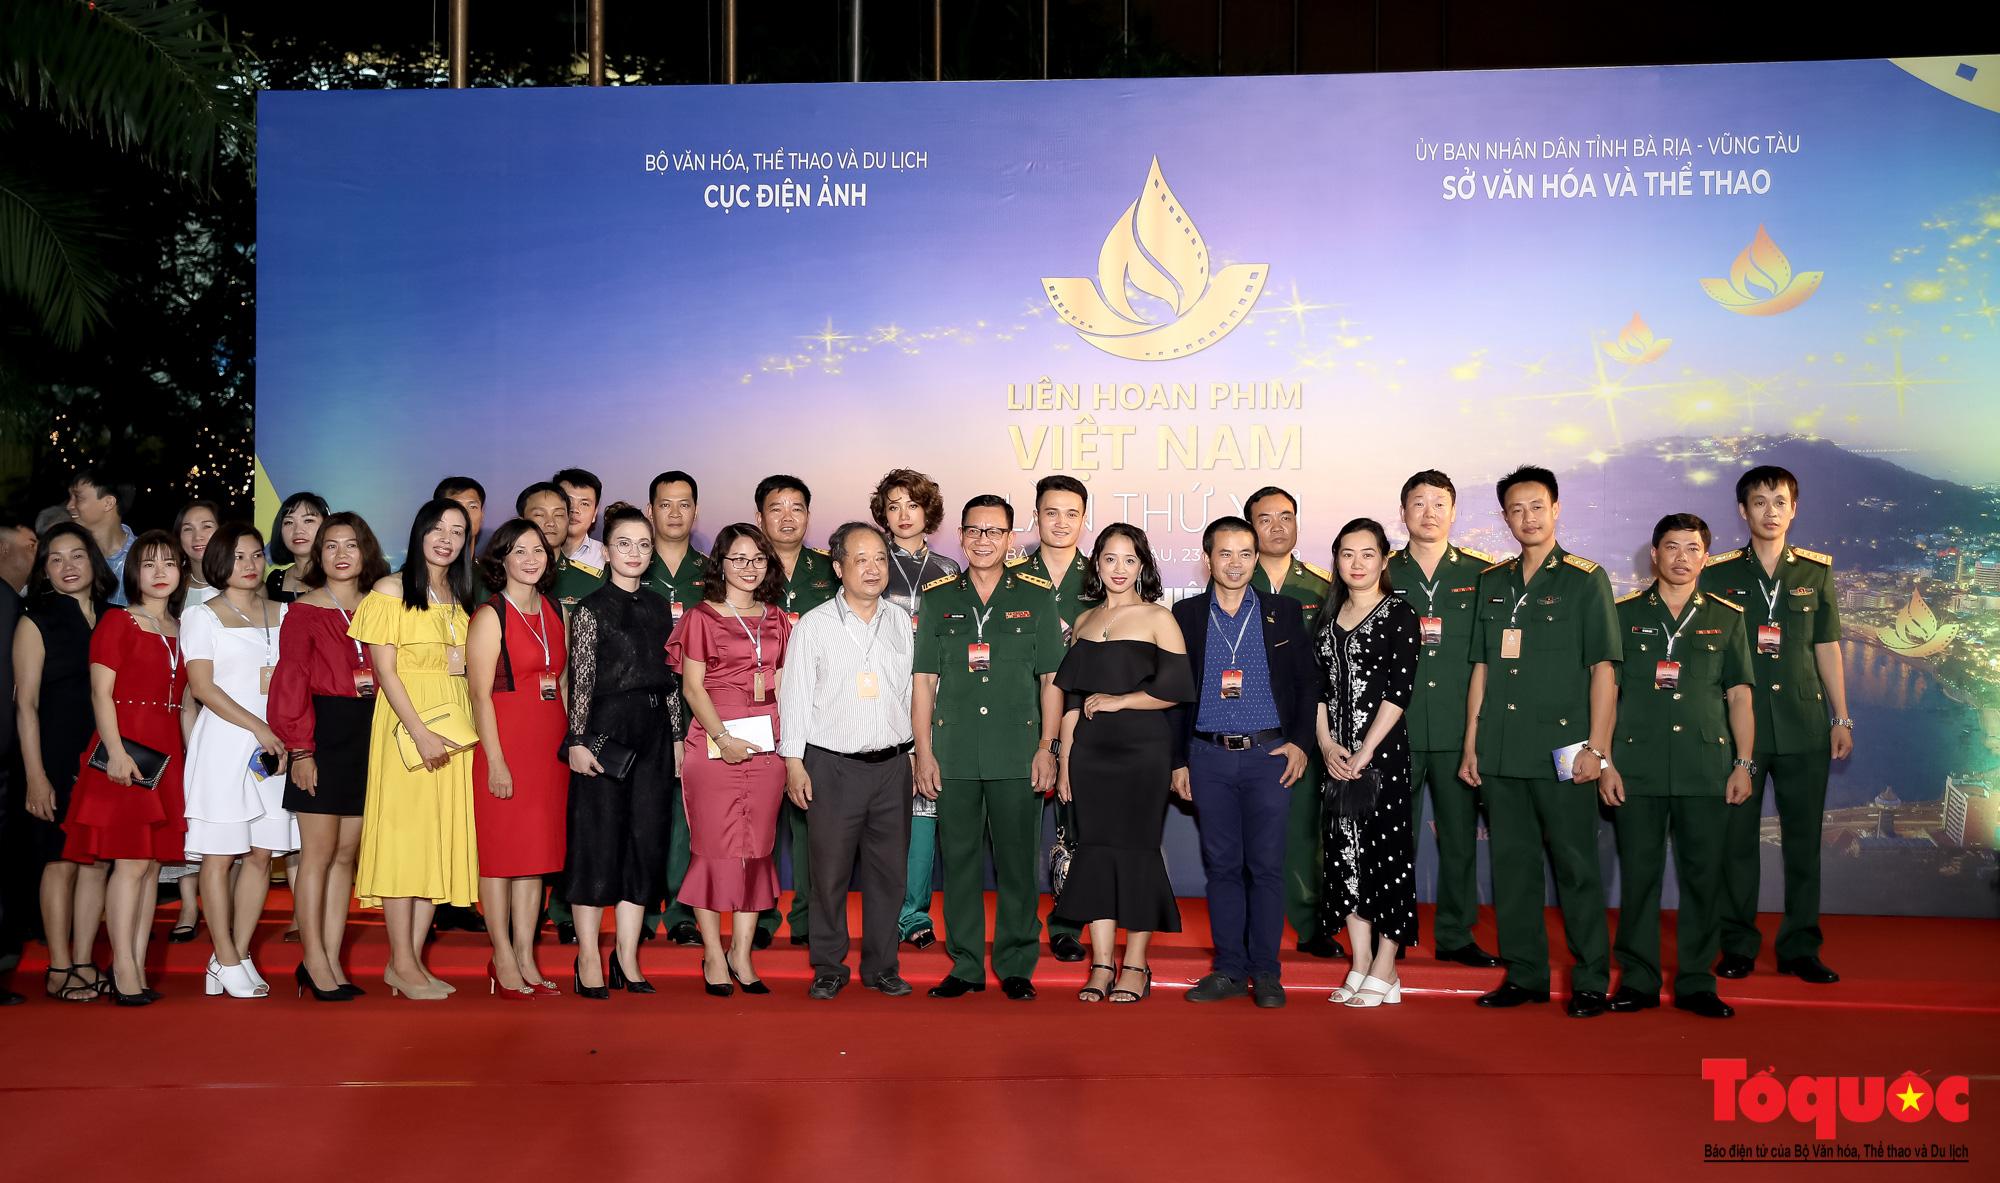 Nghê sỹ Việt lộng lẫy trên thảm đỏ LHP Việt Nam lần thứ XXI - Ảnh 6.